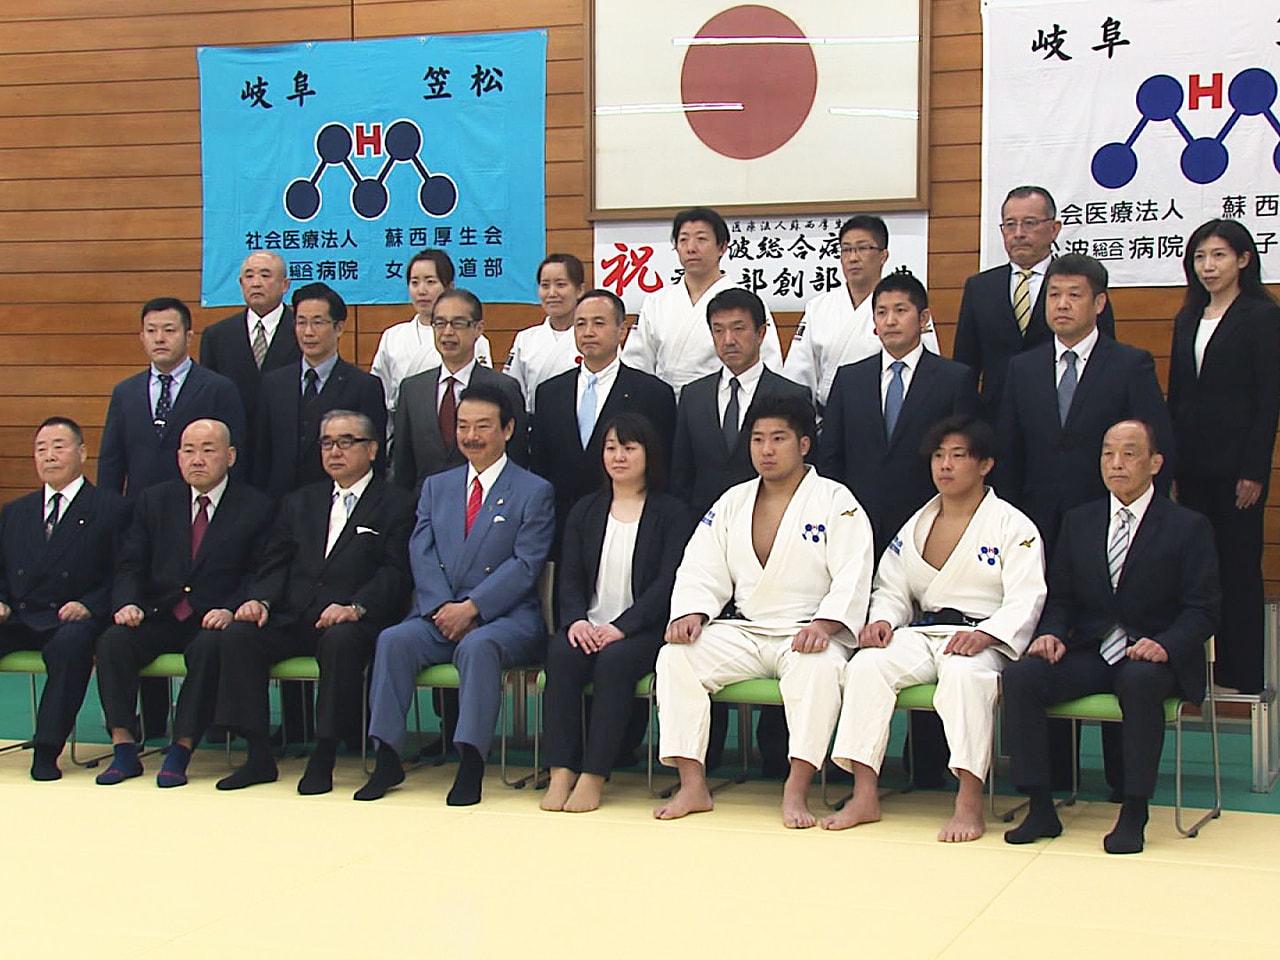 岐阜県笠松町の松波総合病院が立ち上げた柔道部の記念式典が28日、地元の公民館で開...